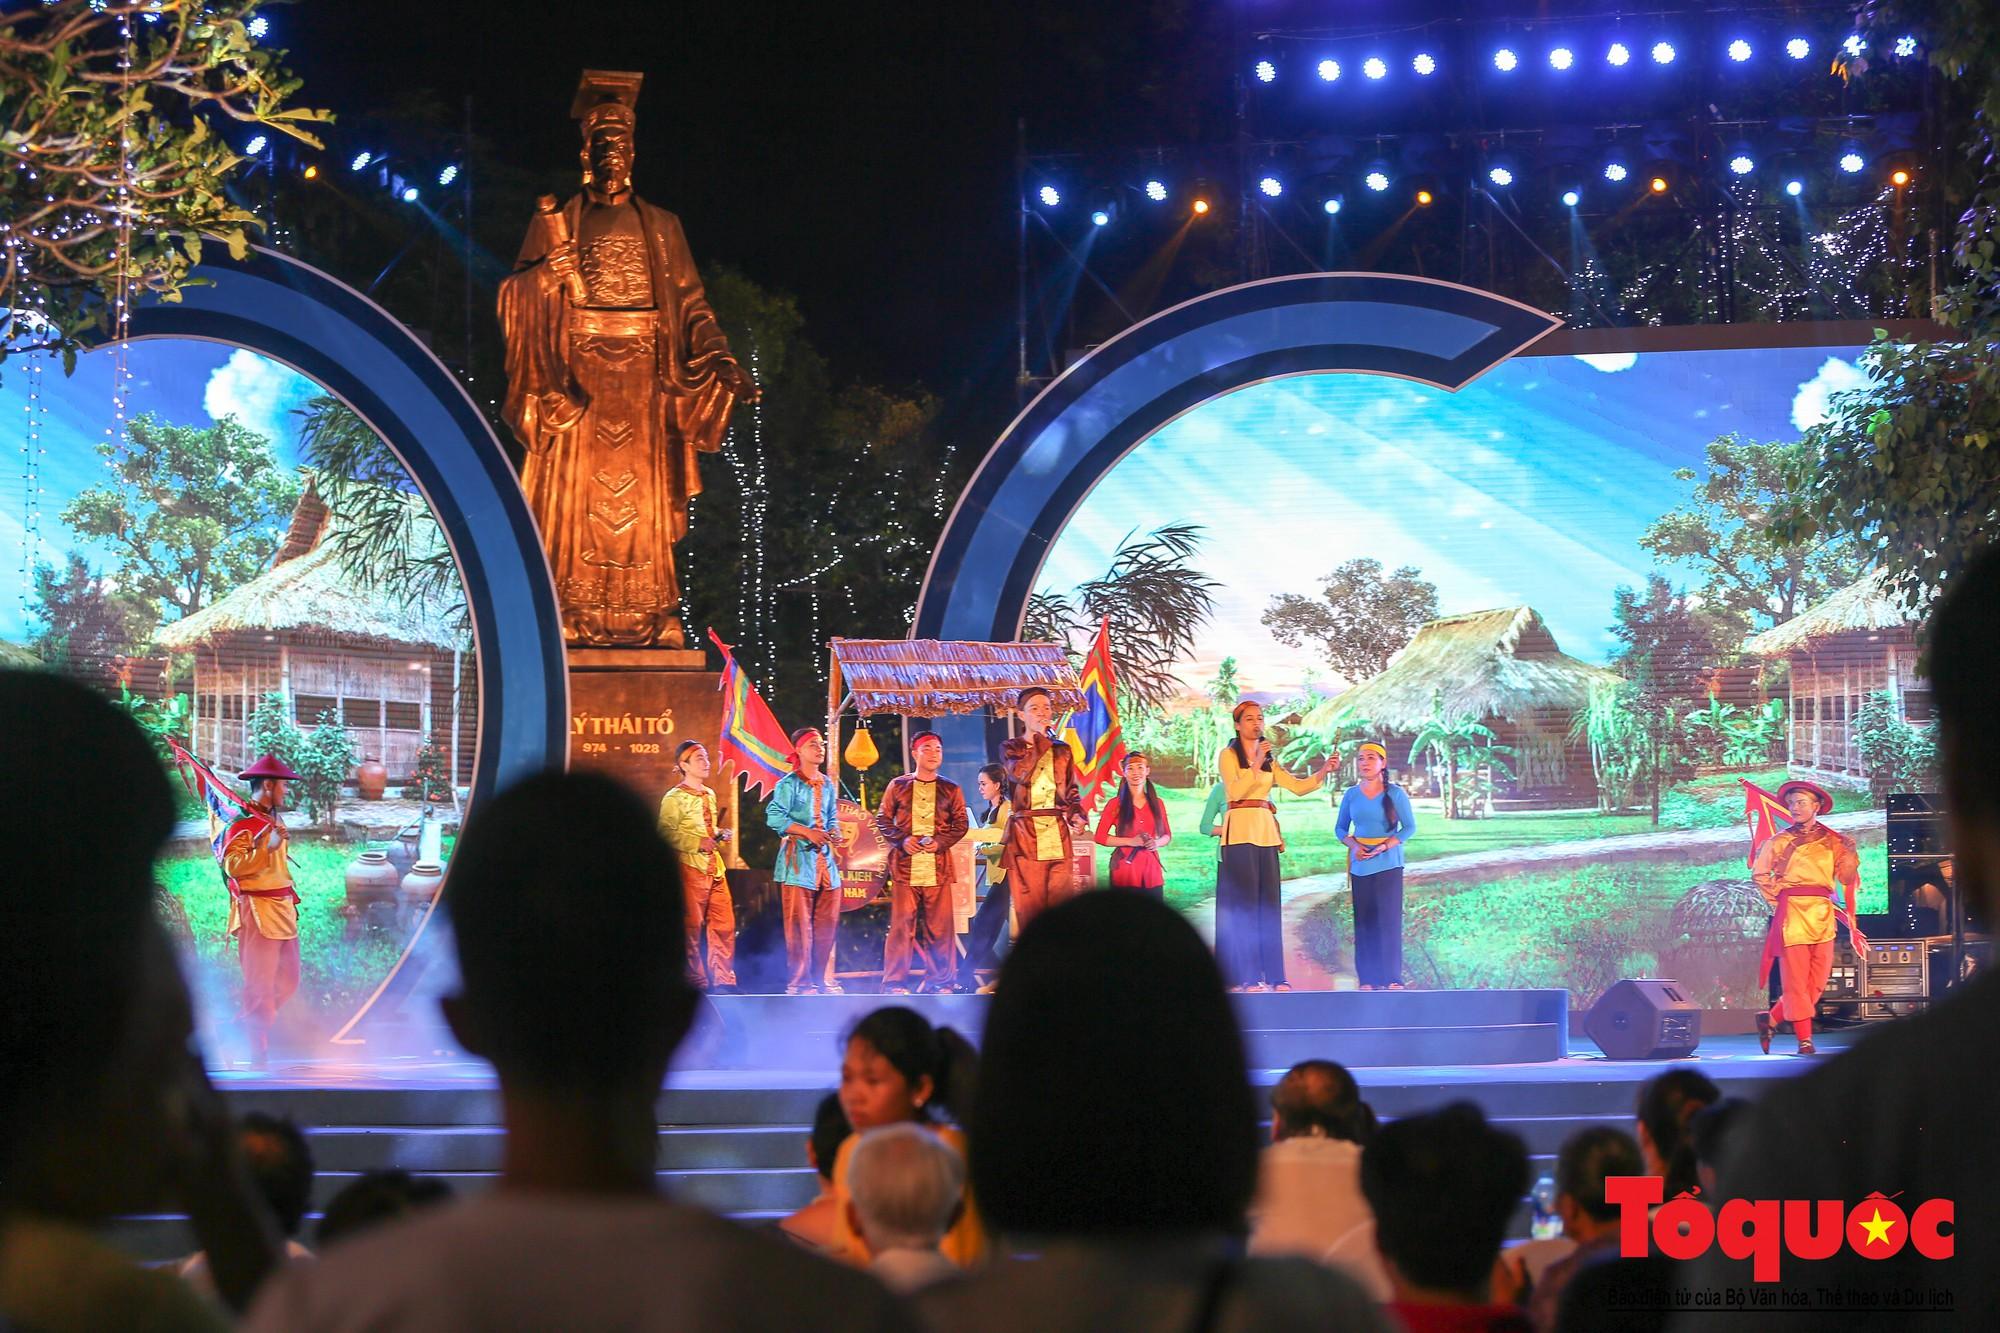 """Ấn tượng chương trình nghệ thuật kỷ niệm 20 năm Hà Nội - """"Thành phố Vì hòa bình"""" - Ảnh 11."""